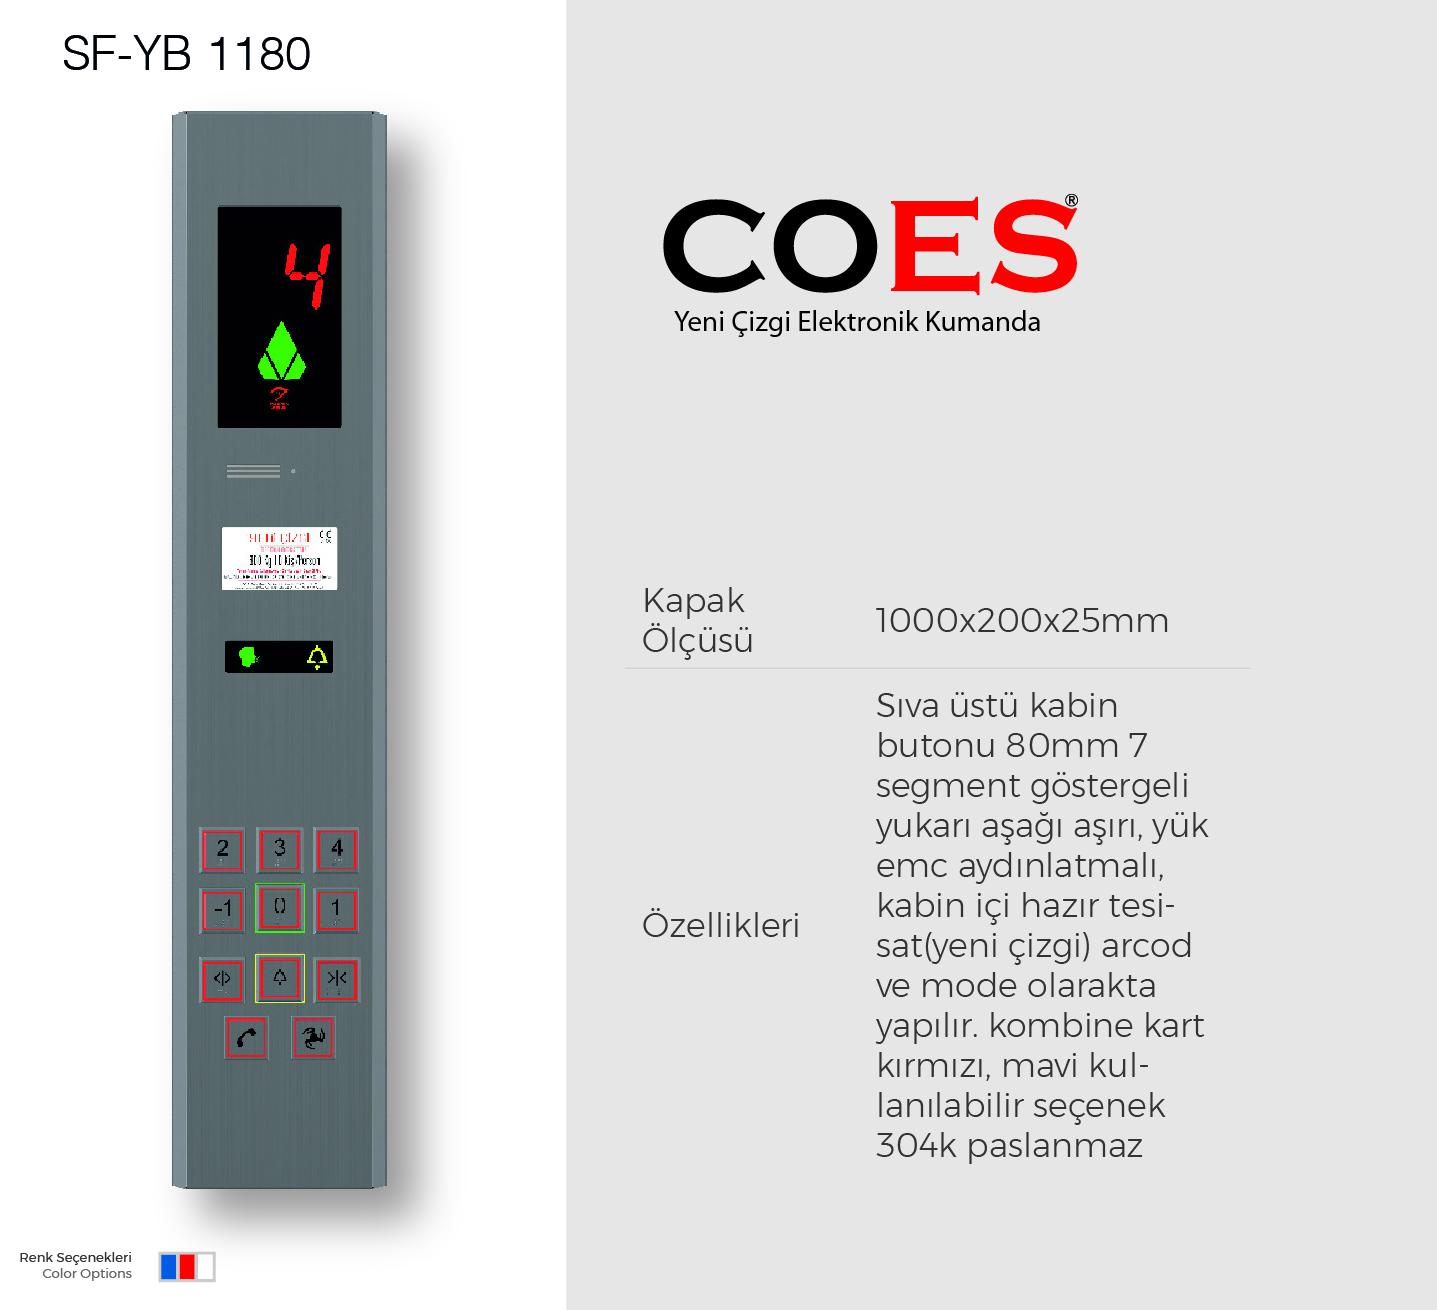 SF-YB 1180